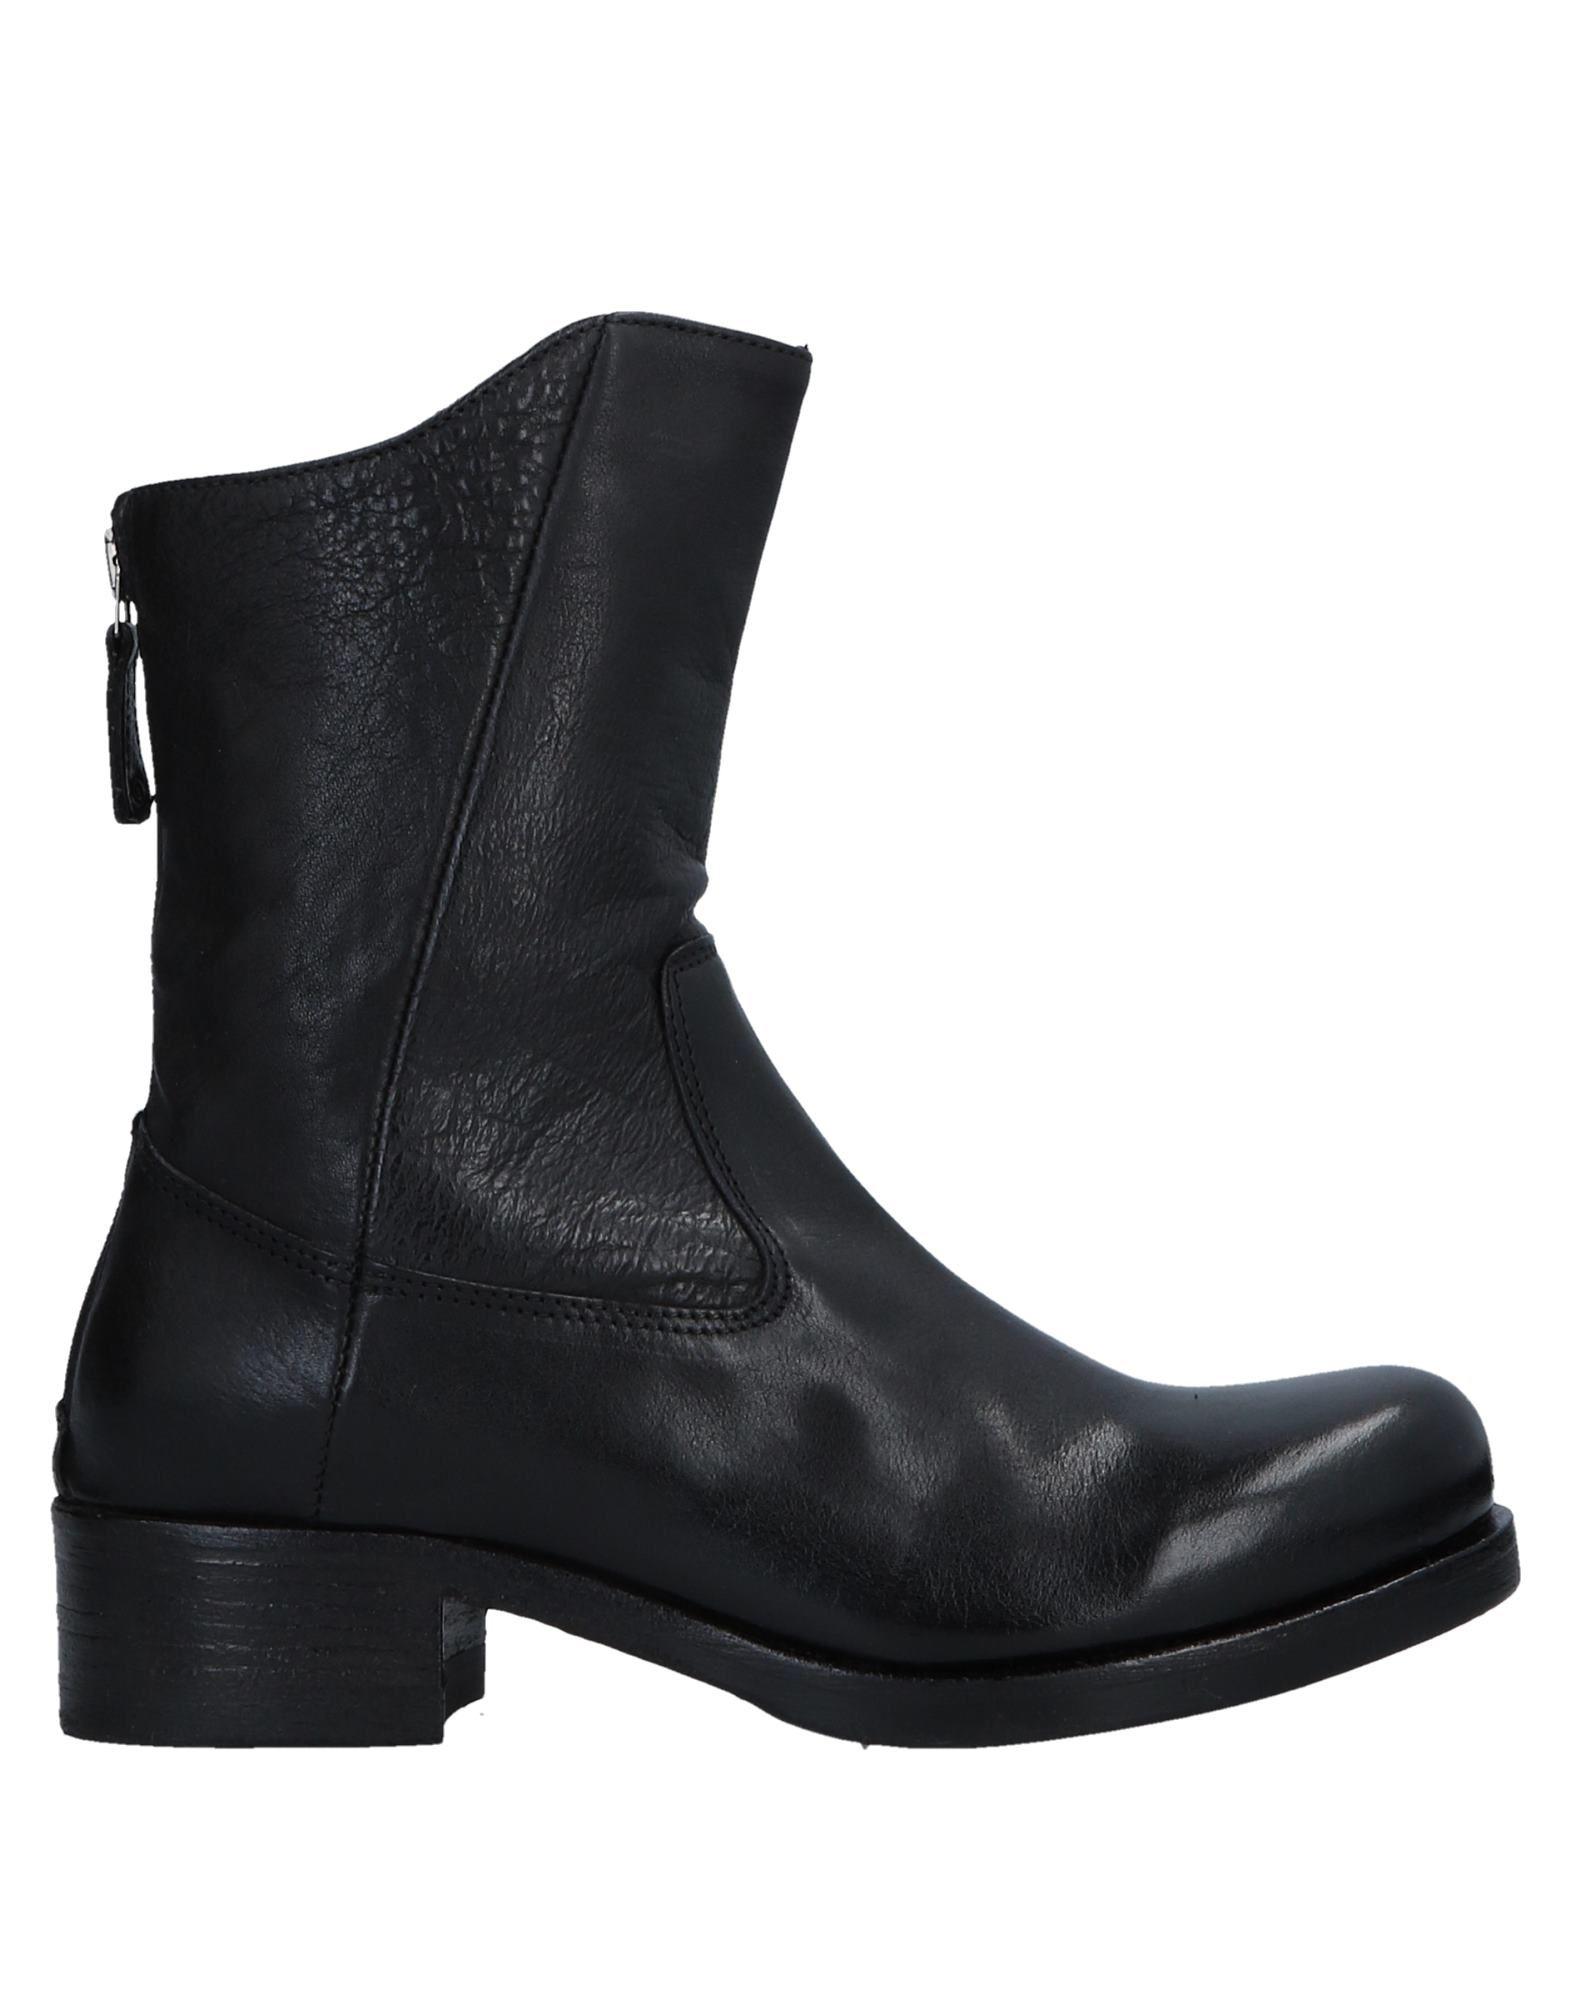 Michelediloco Stiefelette Damen  11521416GIGut aussehende strapazierfähige Schuhe